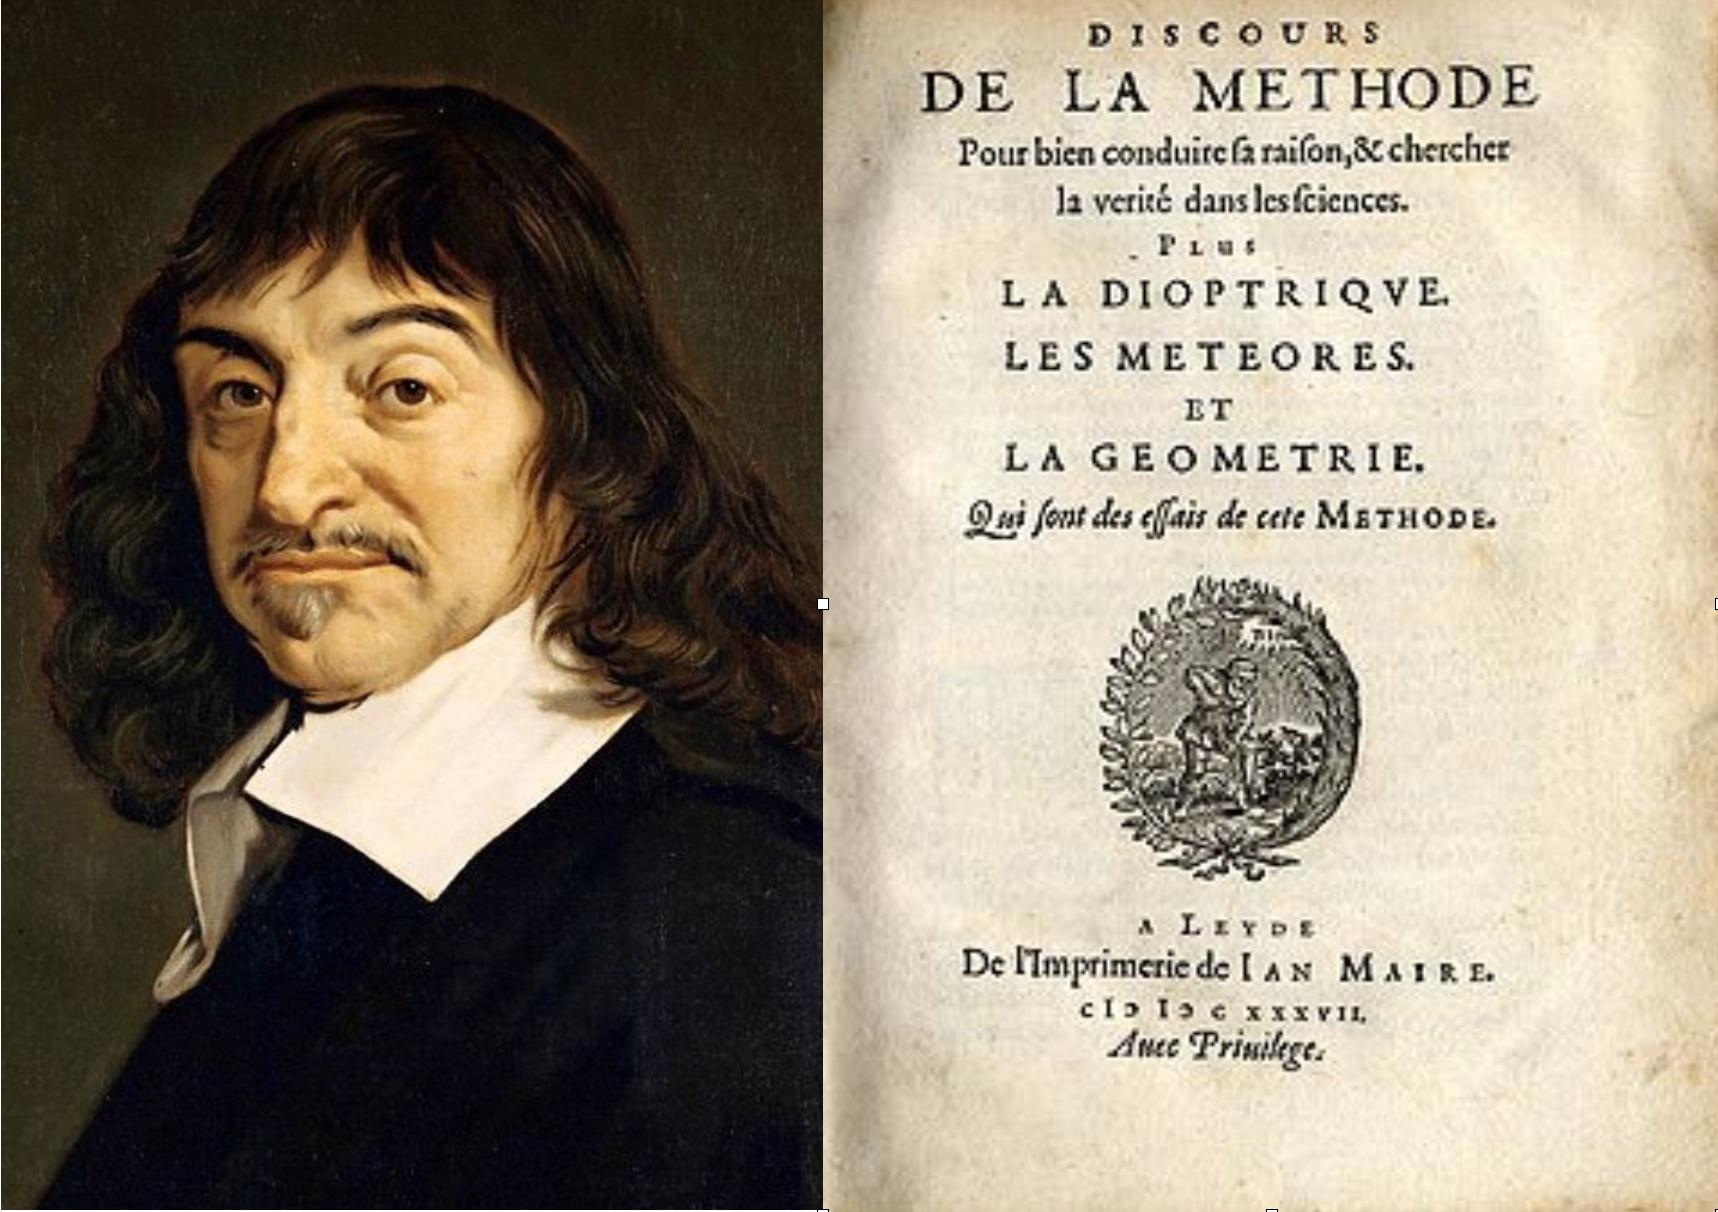 Rene Descartes (1596-1650), matemático y filósofo francés considerado como el padre de la Filosofía Moderna